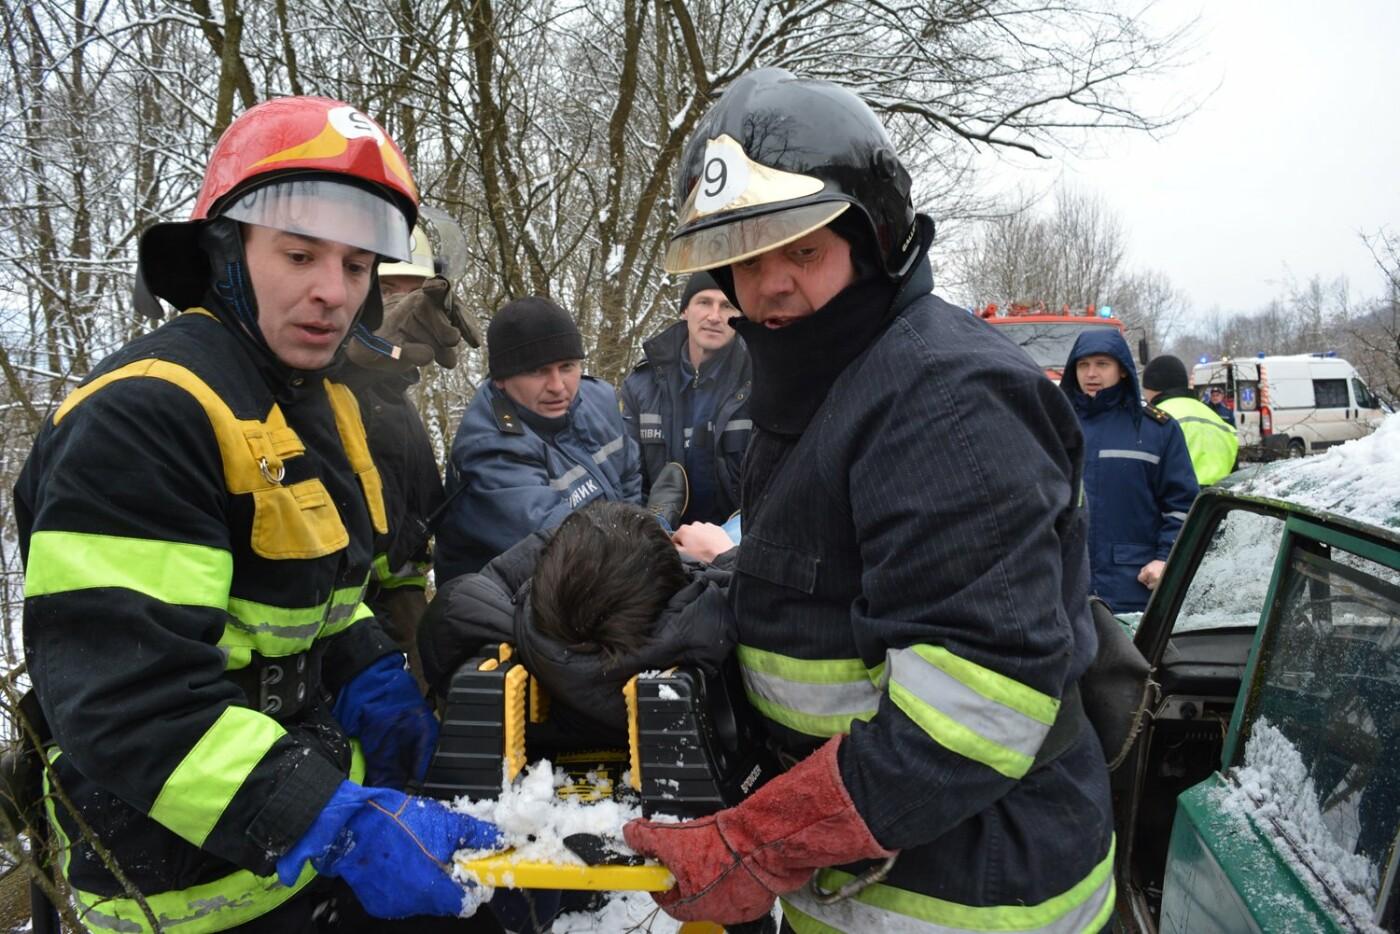 Потяг зійшов з рейок - 2 людини загинуло, 70 травмовано: на Закарпатті розпочалися командно-штабні навчання (ФОТОРЕПОРТАЖ), фото-2